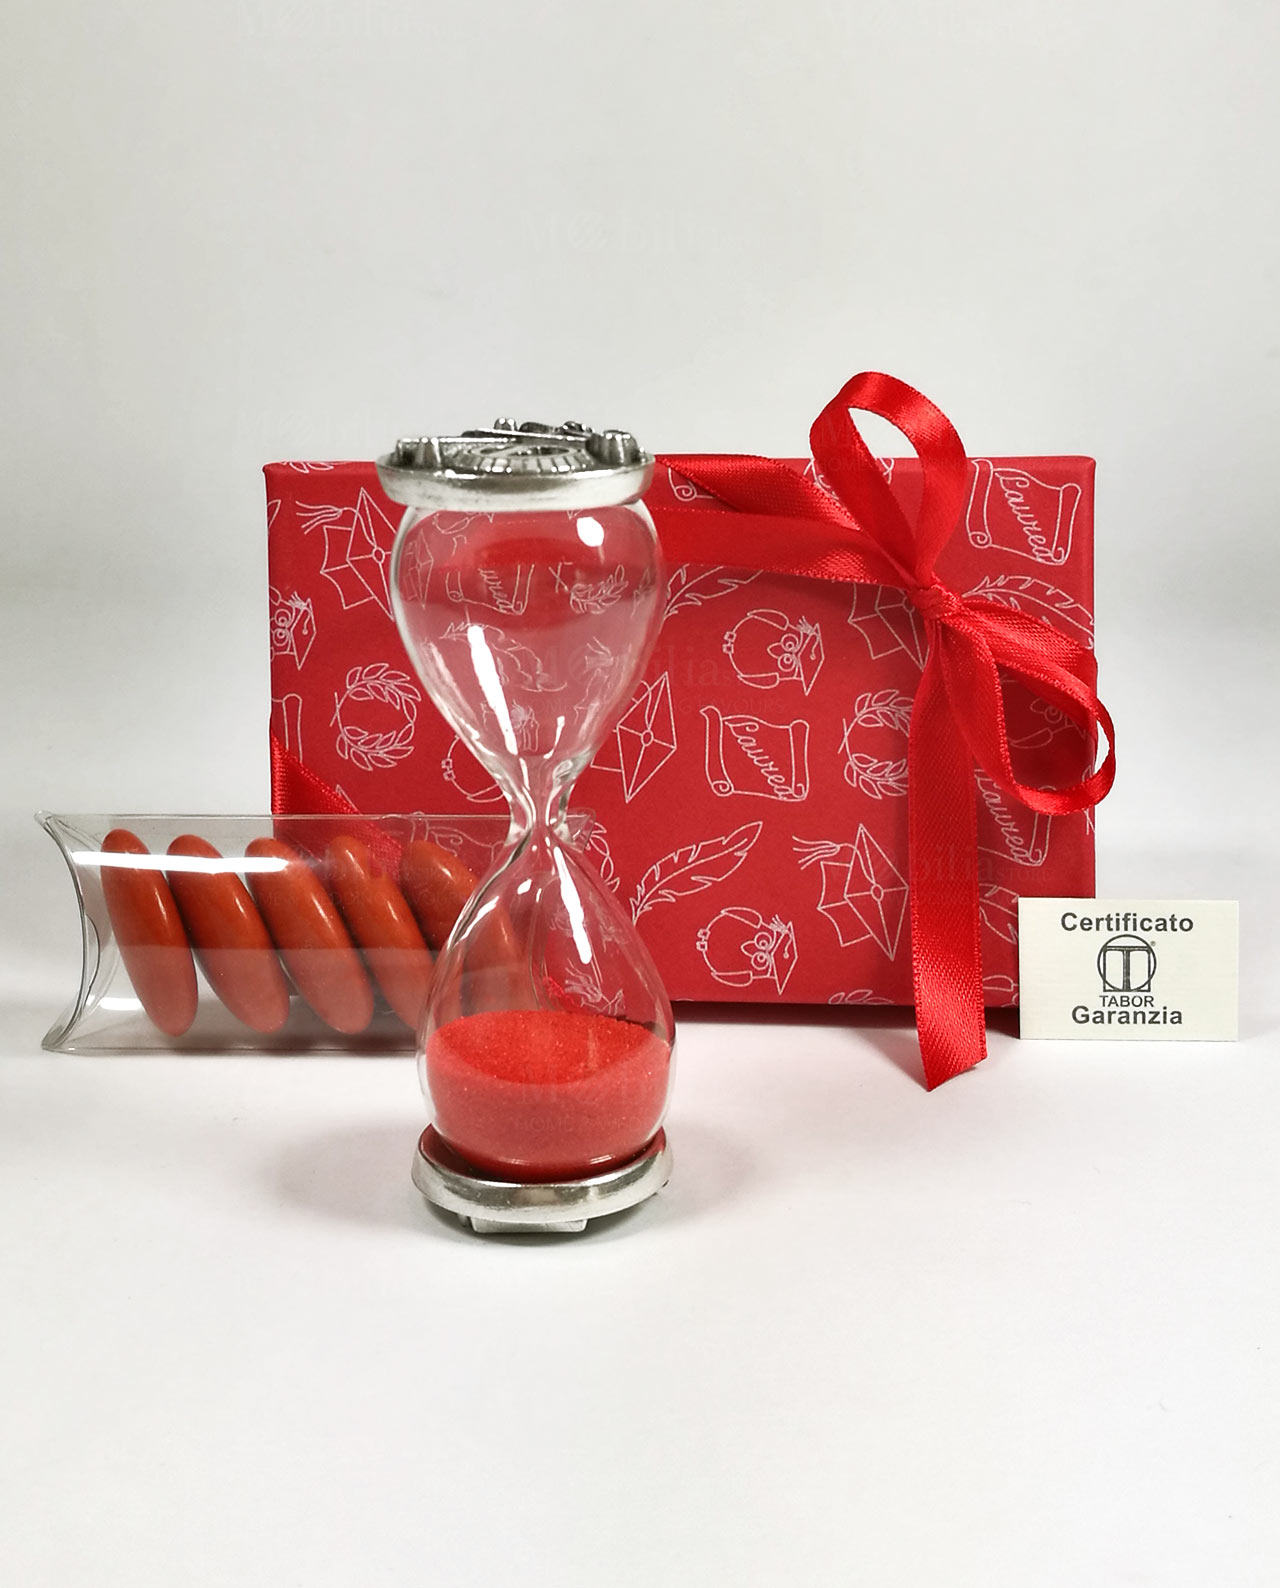 bomboniera clessidra vetro sabbia rossa con placca argento tabor con  scatola e nastro rosso ccdf756dd1a4